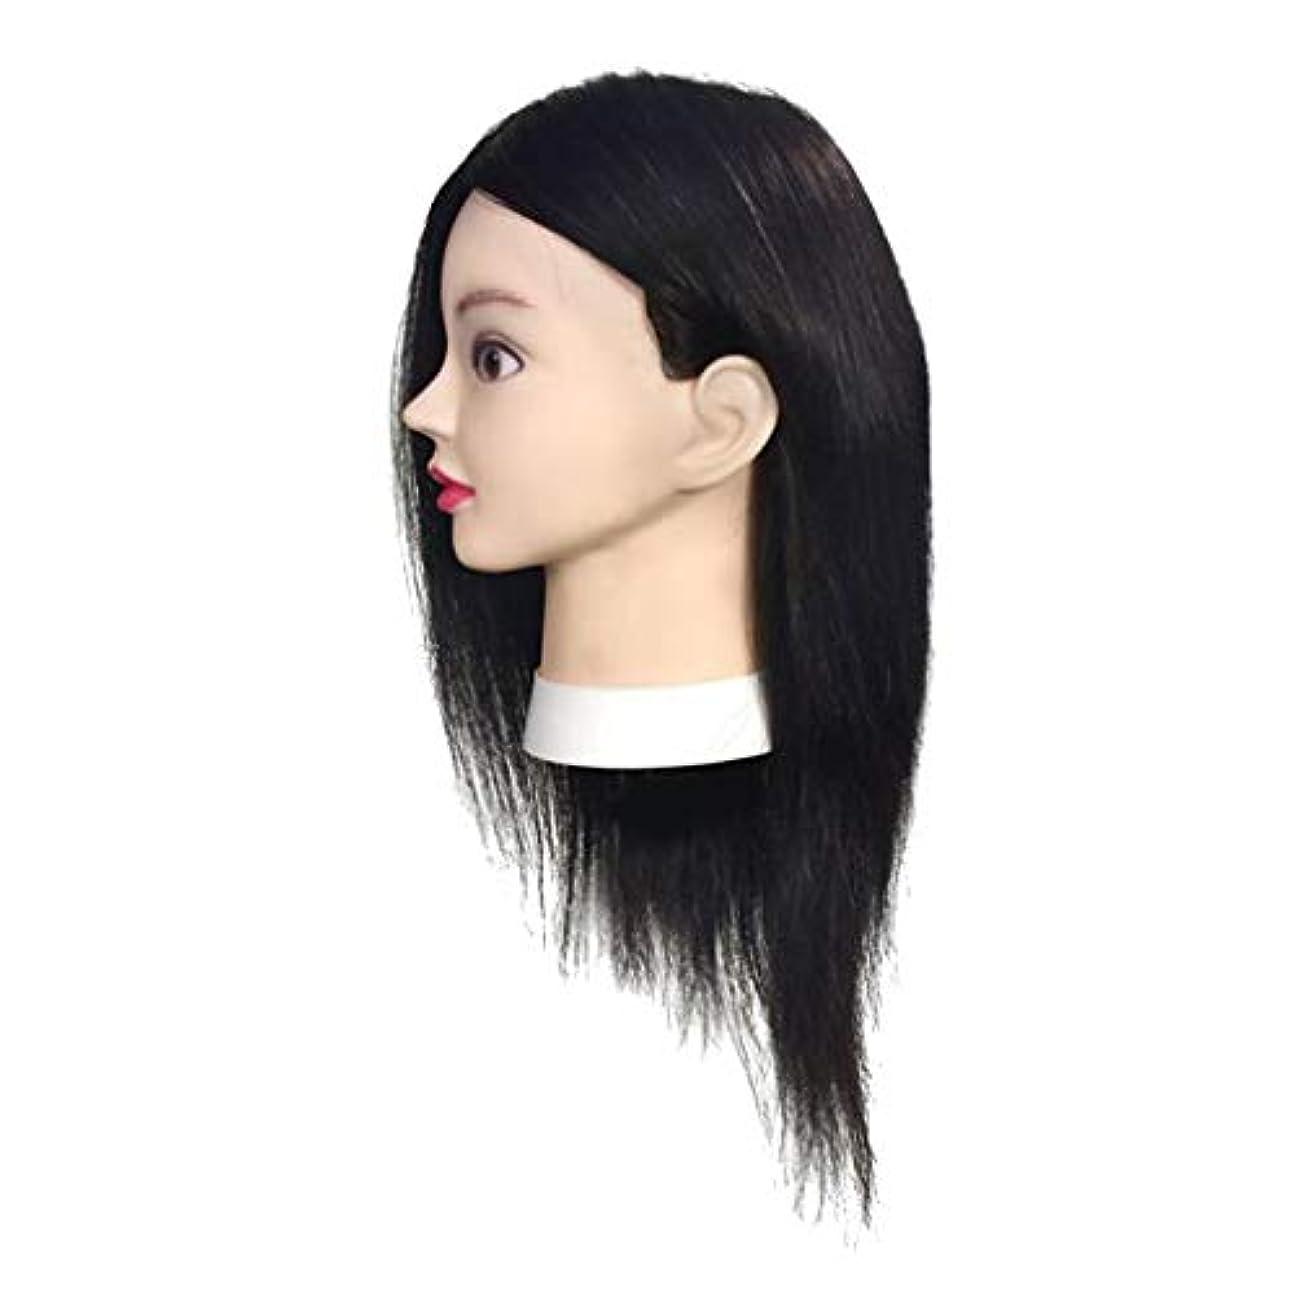 エラー残基チャーターCUTICATE マネキンヘッド ウィッグ 編み込み練習用 練習用 美容師 理髪店 美容院 サロン